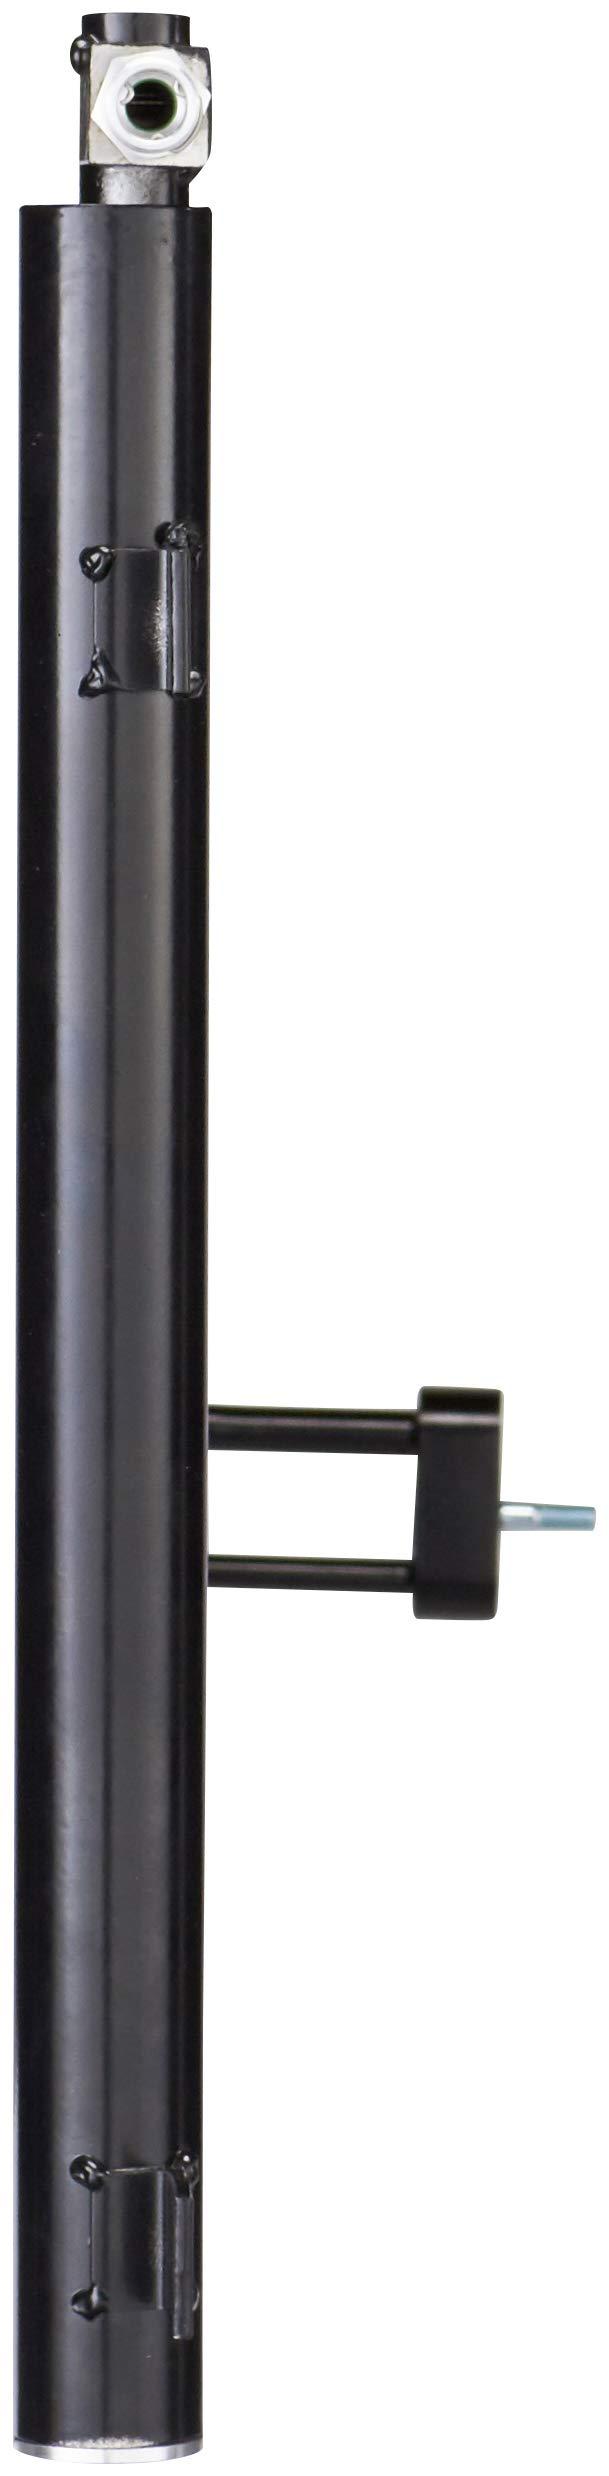 Spectra Premium 7-4283 Air Conditioning A/C Condenser by Spectra Premium (Image #4)